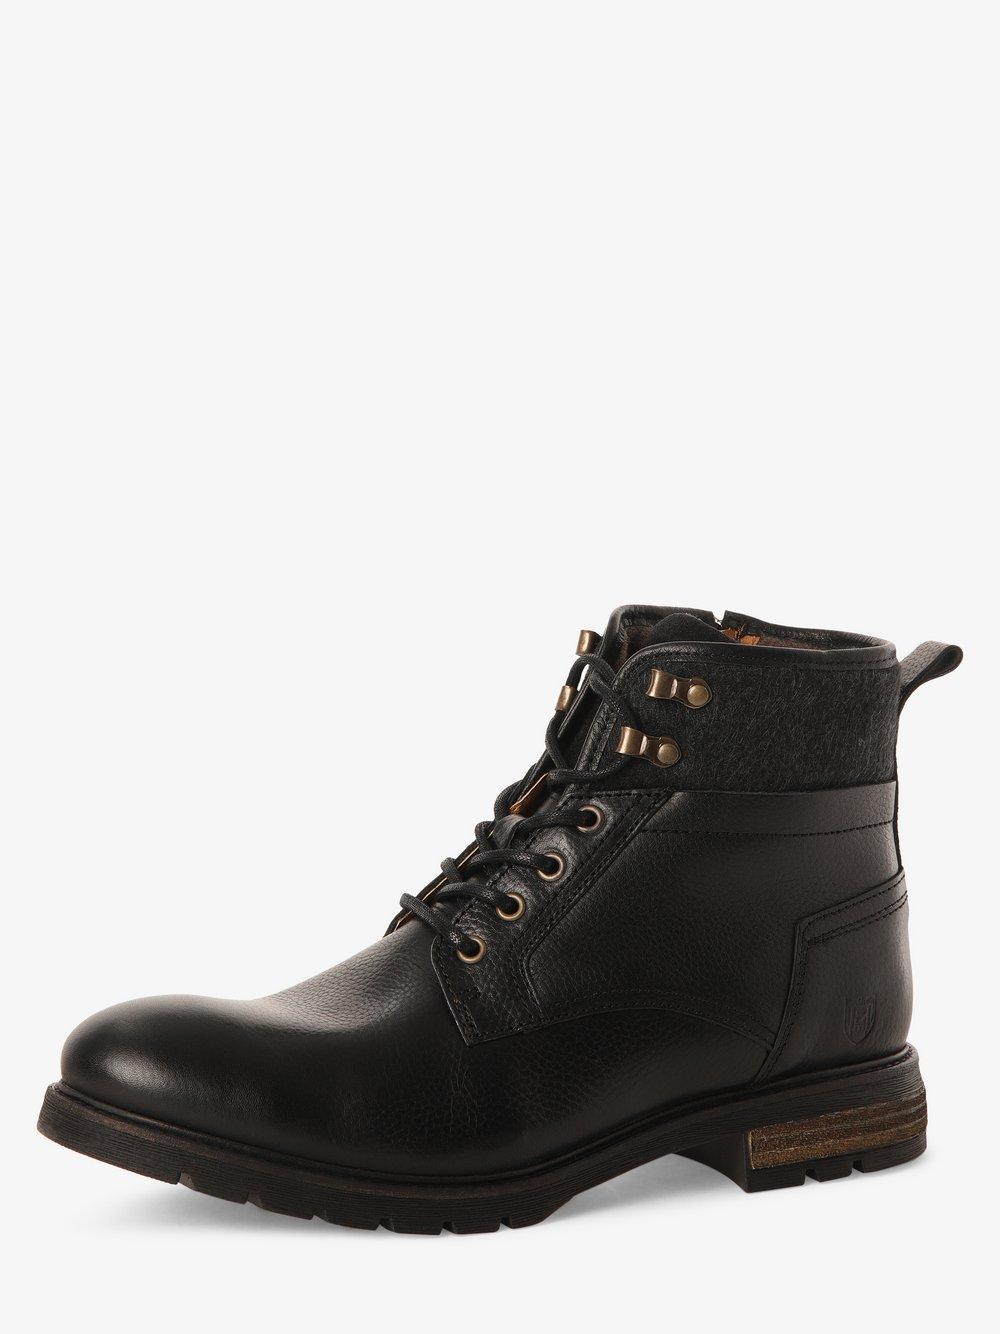 Pantofola d'Oro - Kozaki męskie ze skóry – Levico Uomo High, czarny